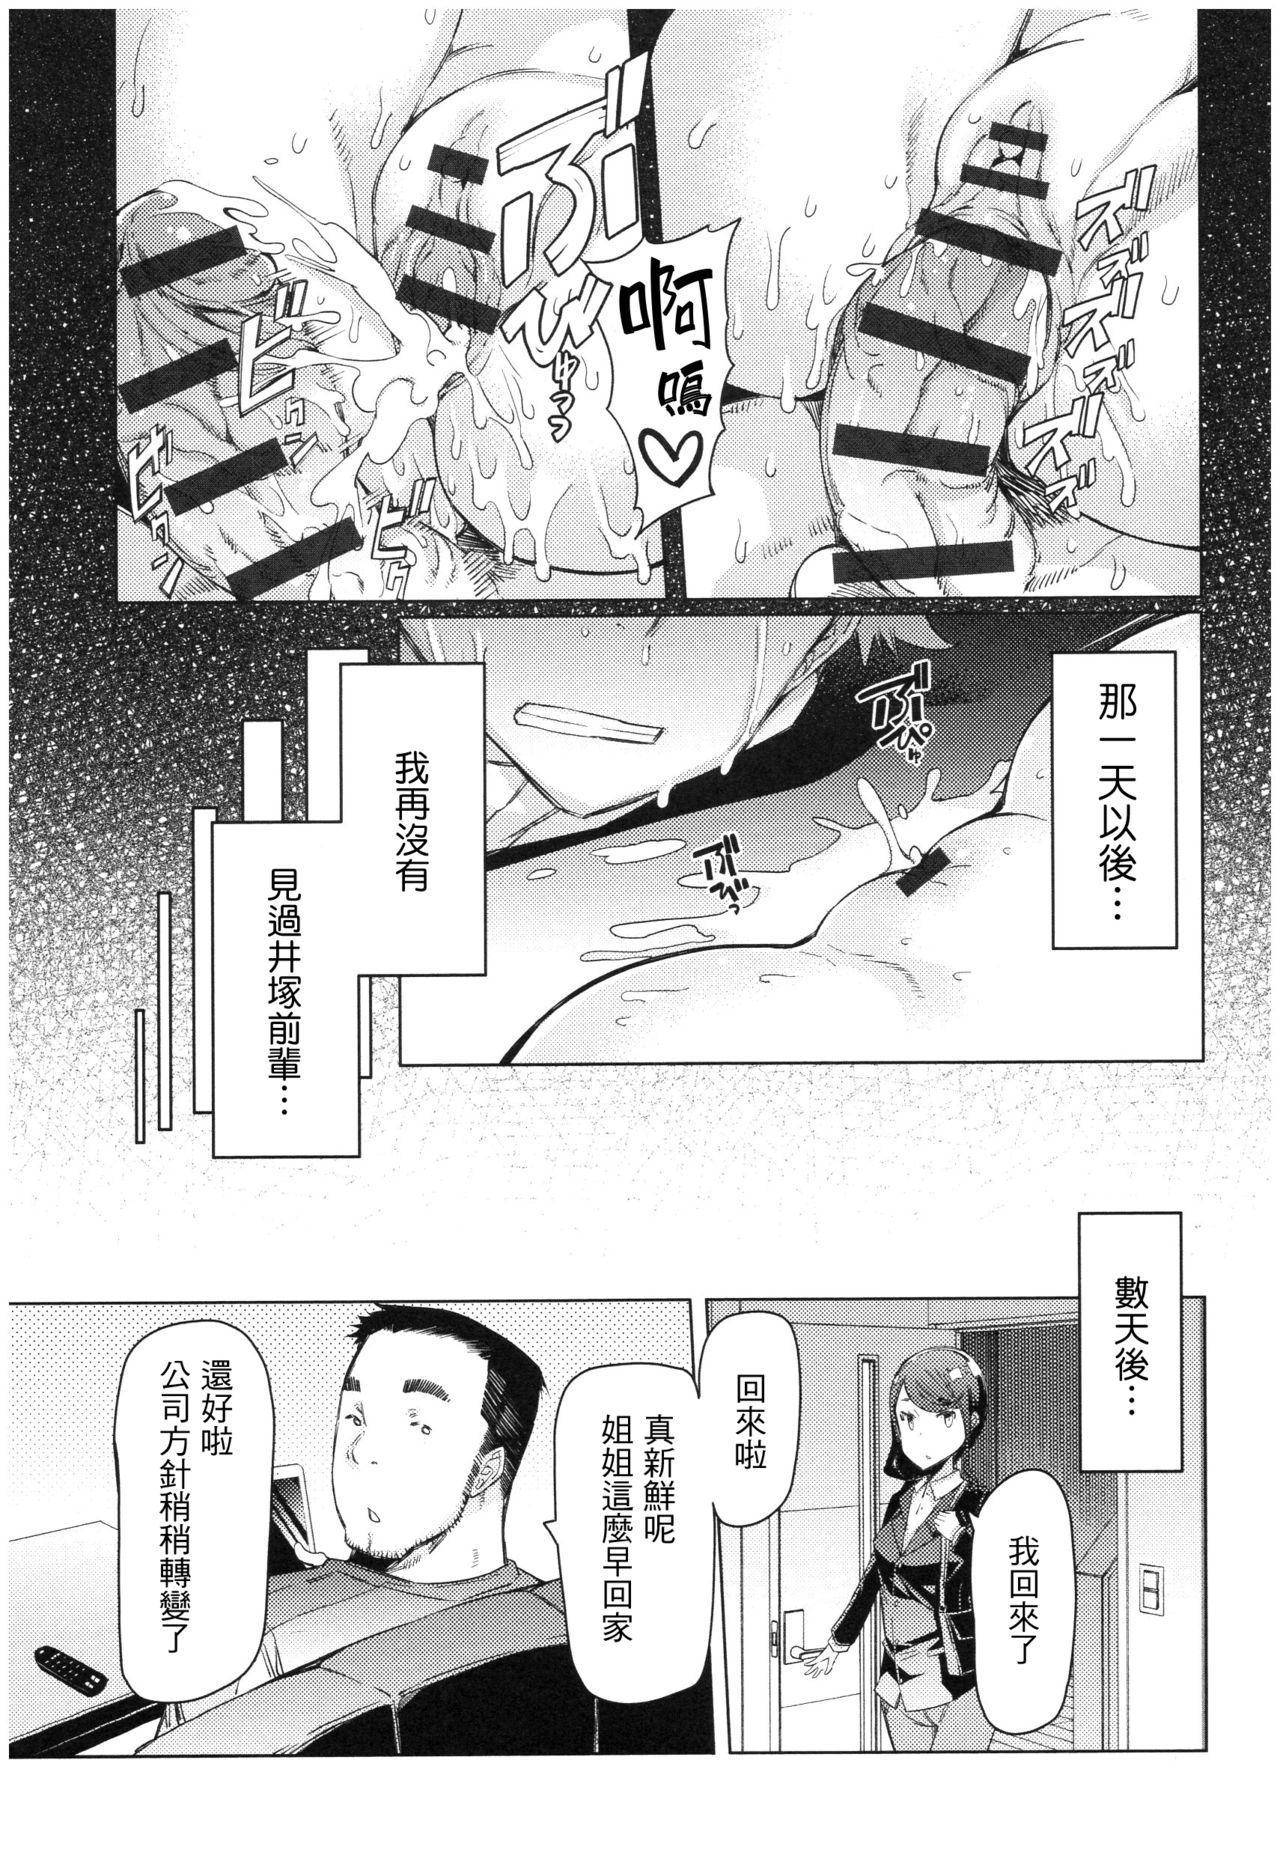 Ochita Kyoudai no 13-nichi Gougan Imouto no Otoshikata 145